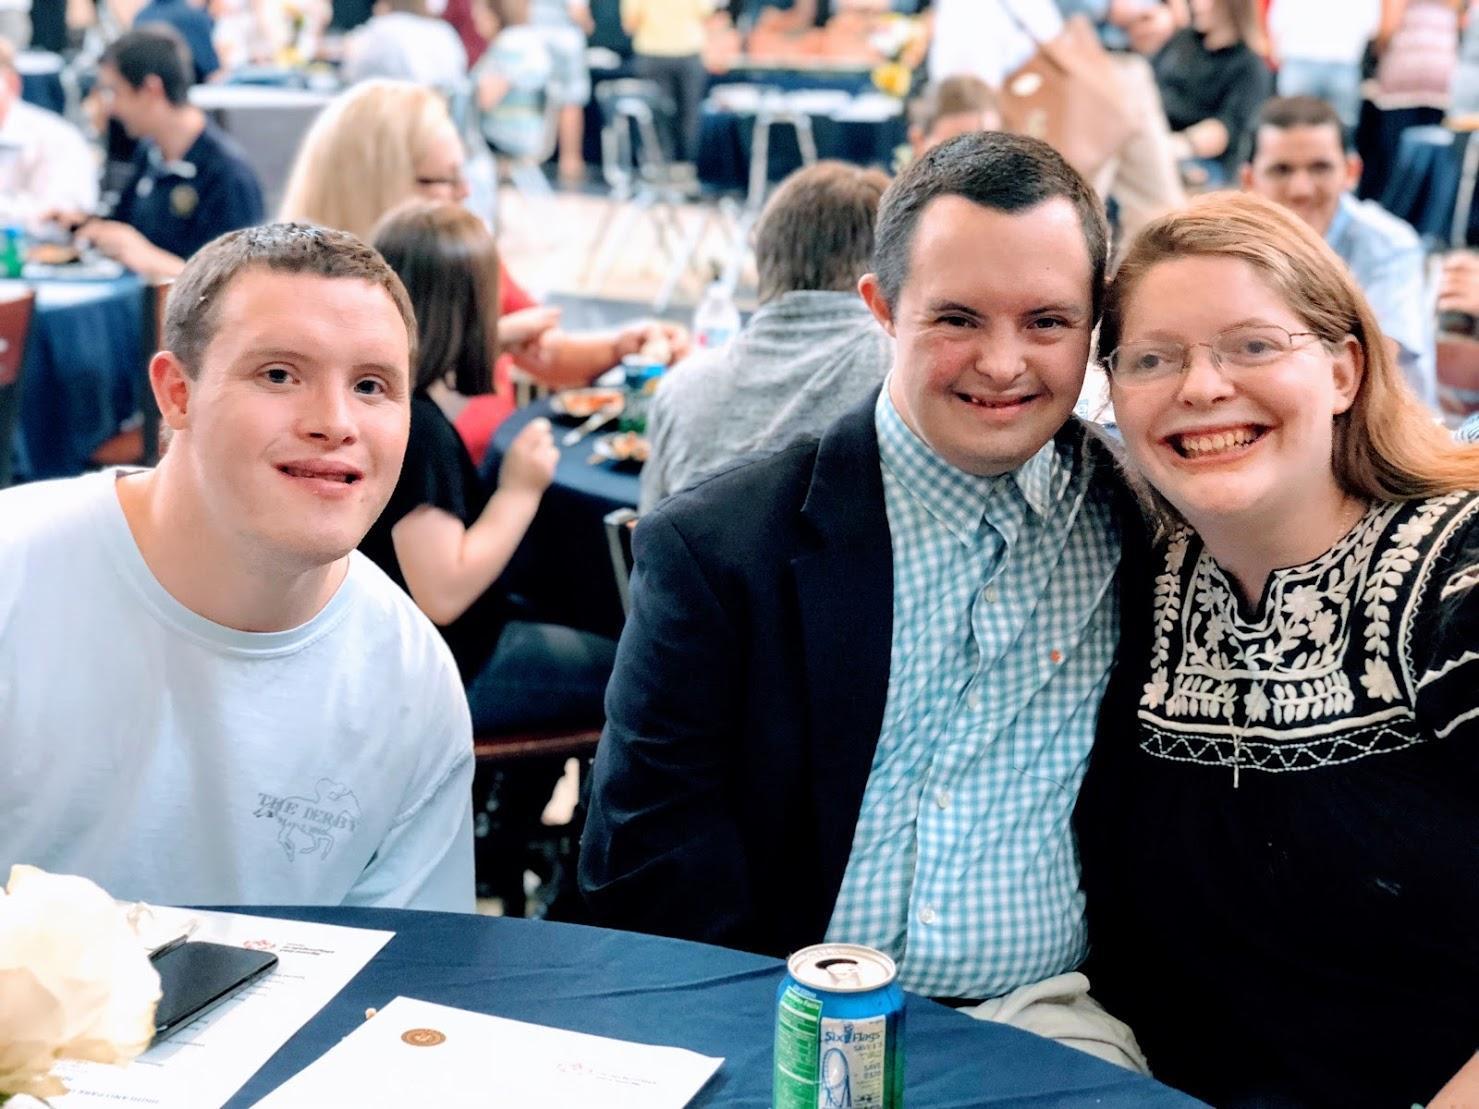 Special programs banquet